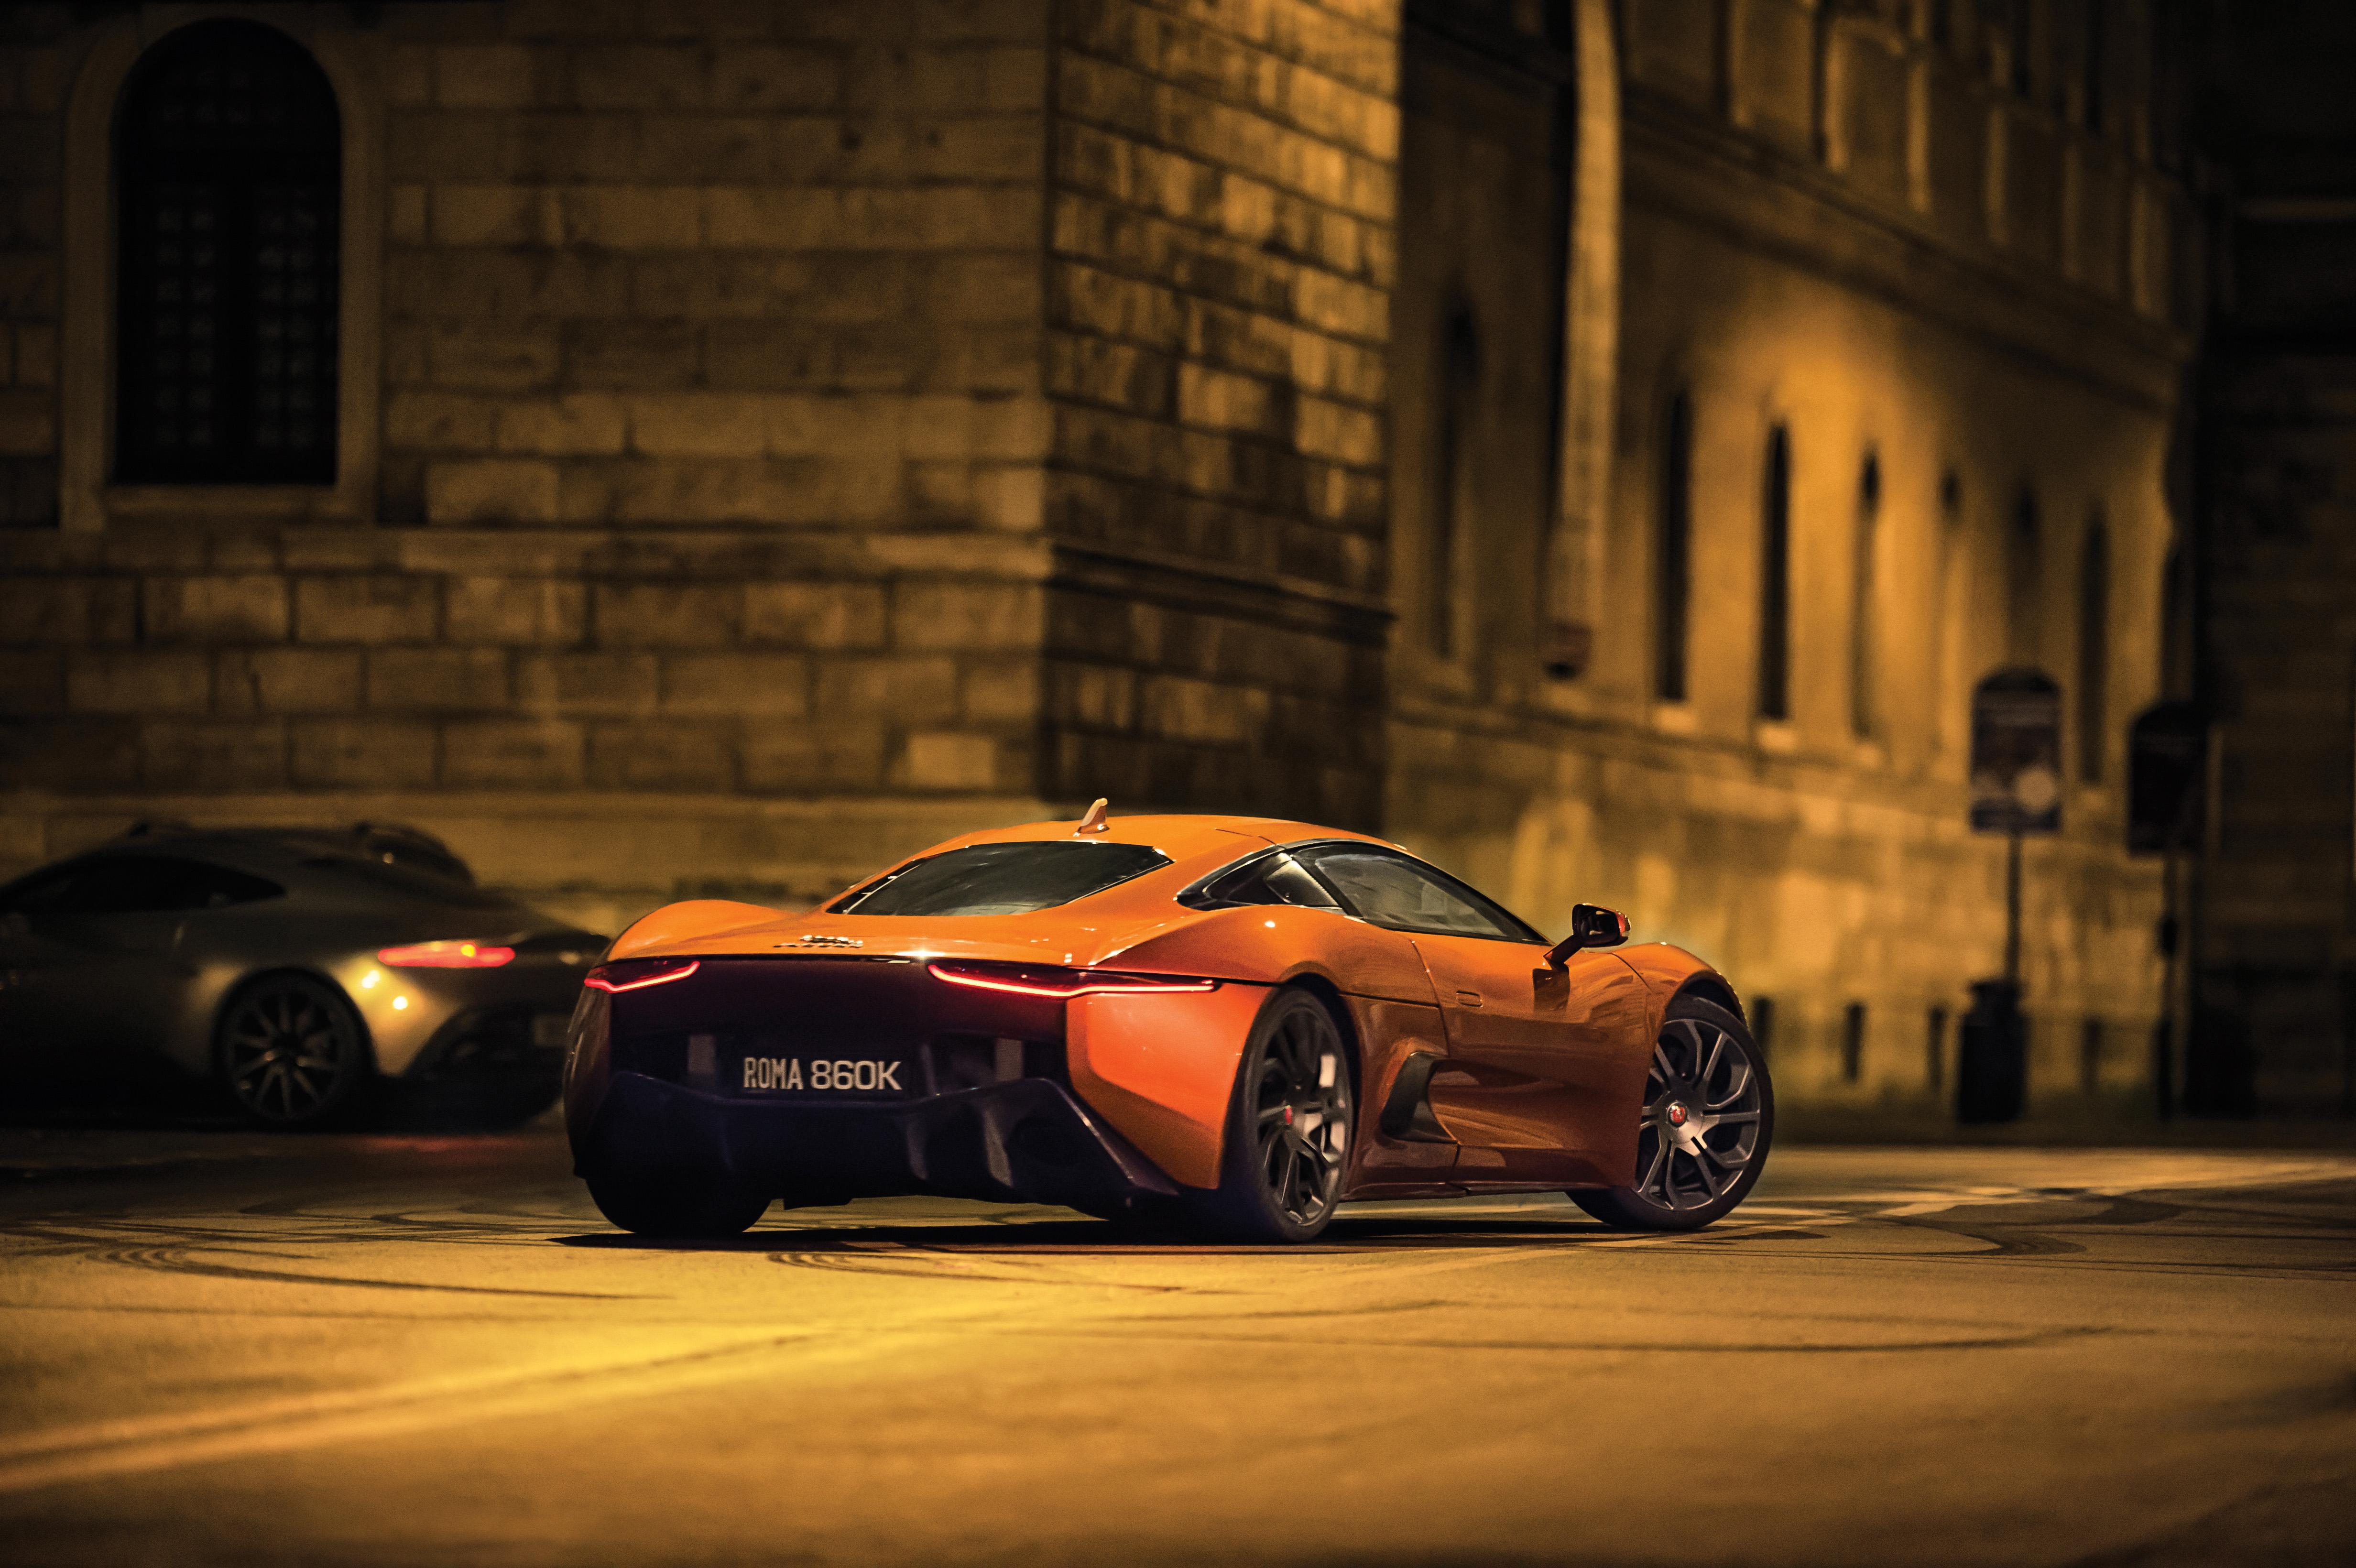 Jaguar Cx75 Hd Cars 4k Wallpapers Images Backgrounds